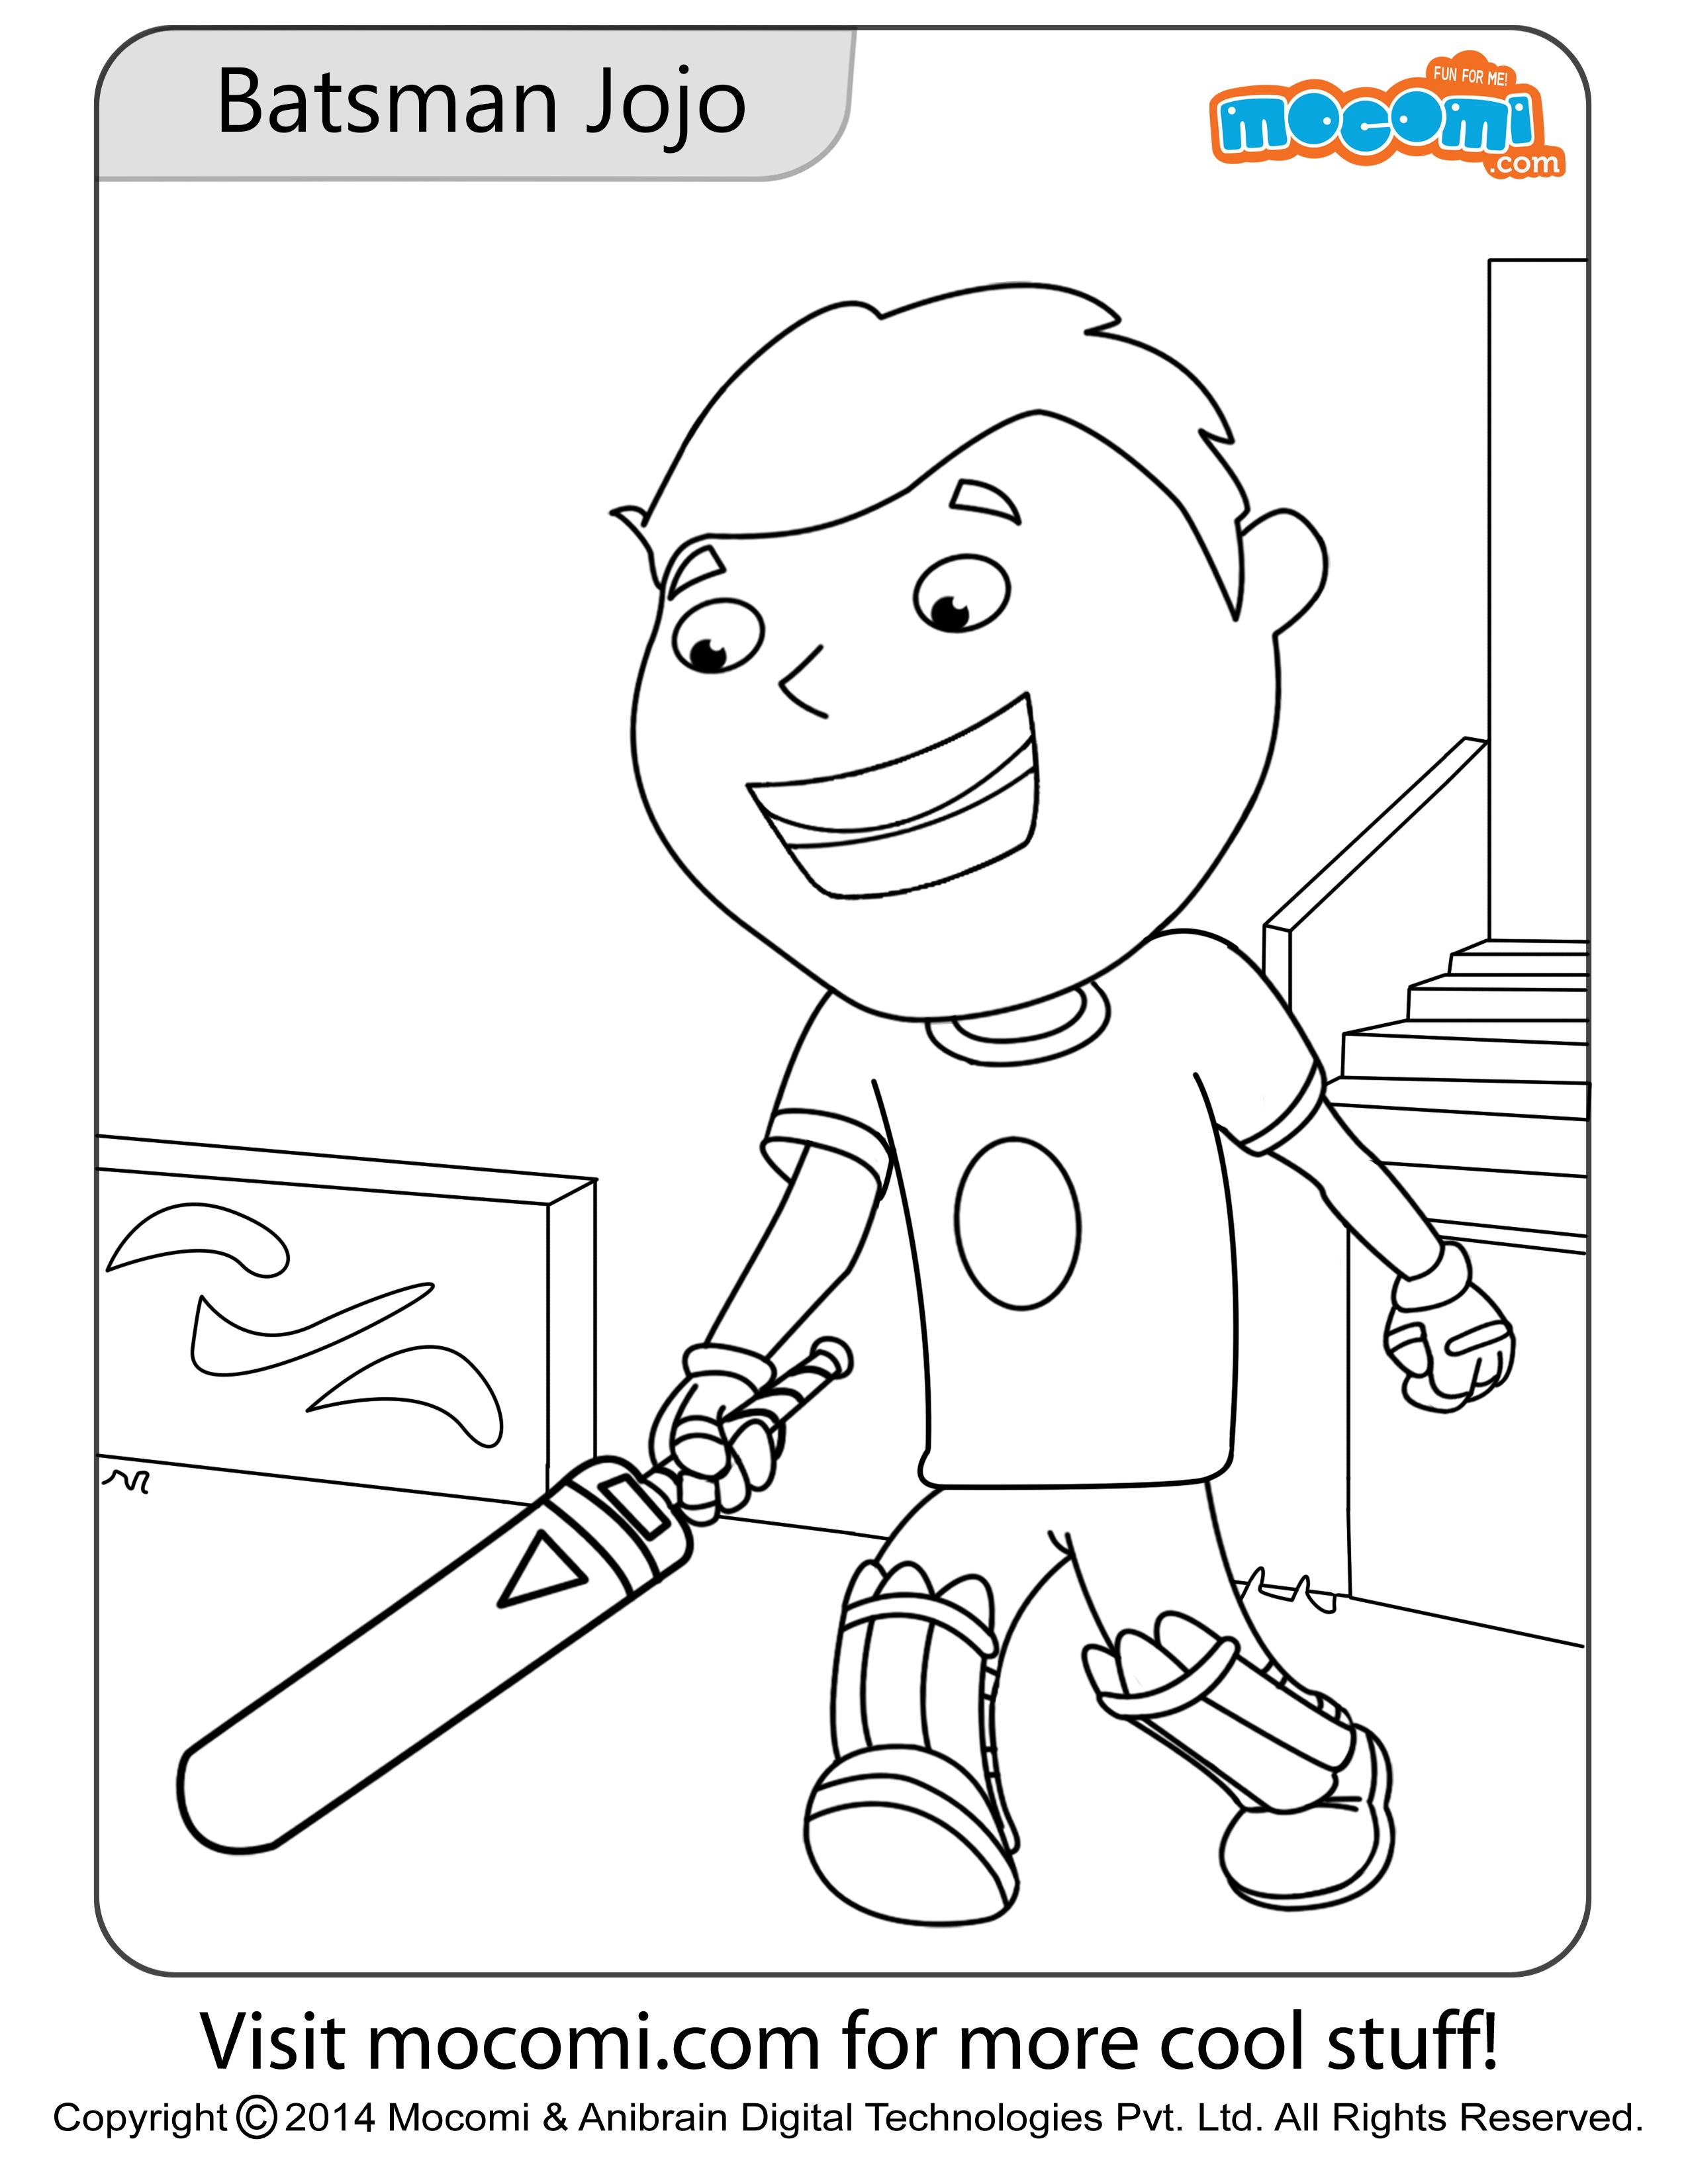 Batsman Jojo – Colouring Page